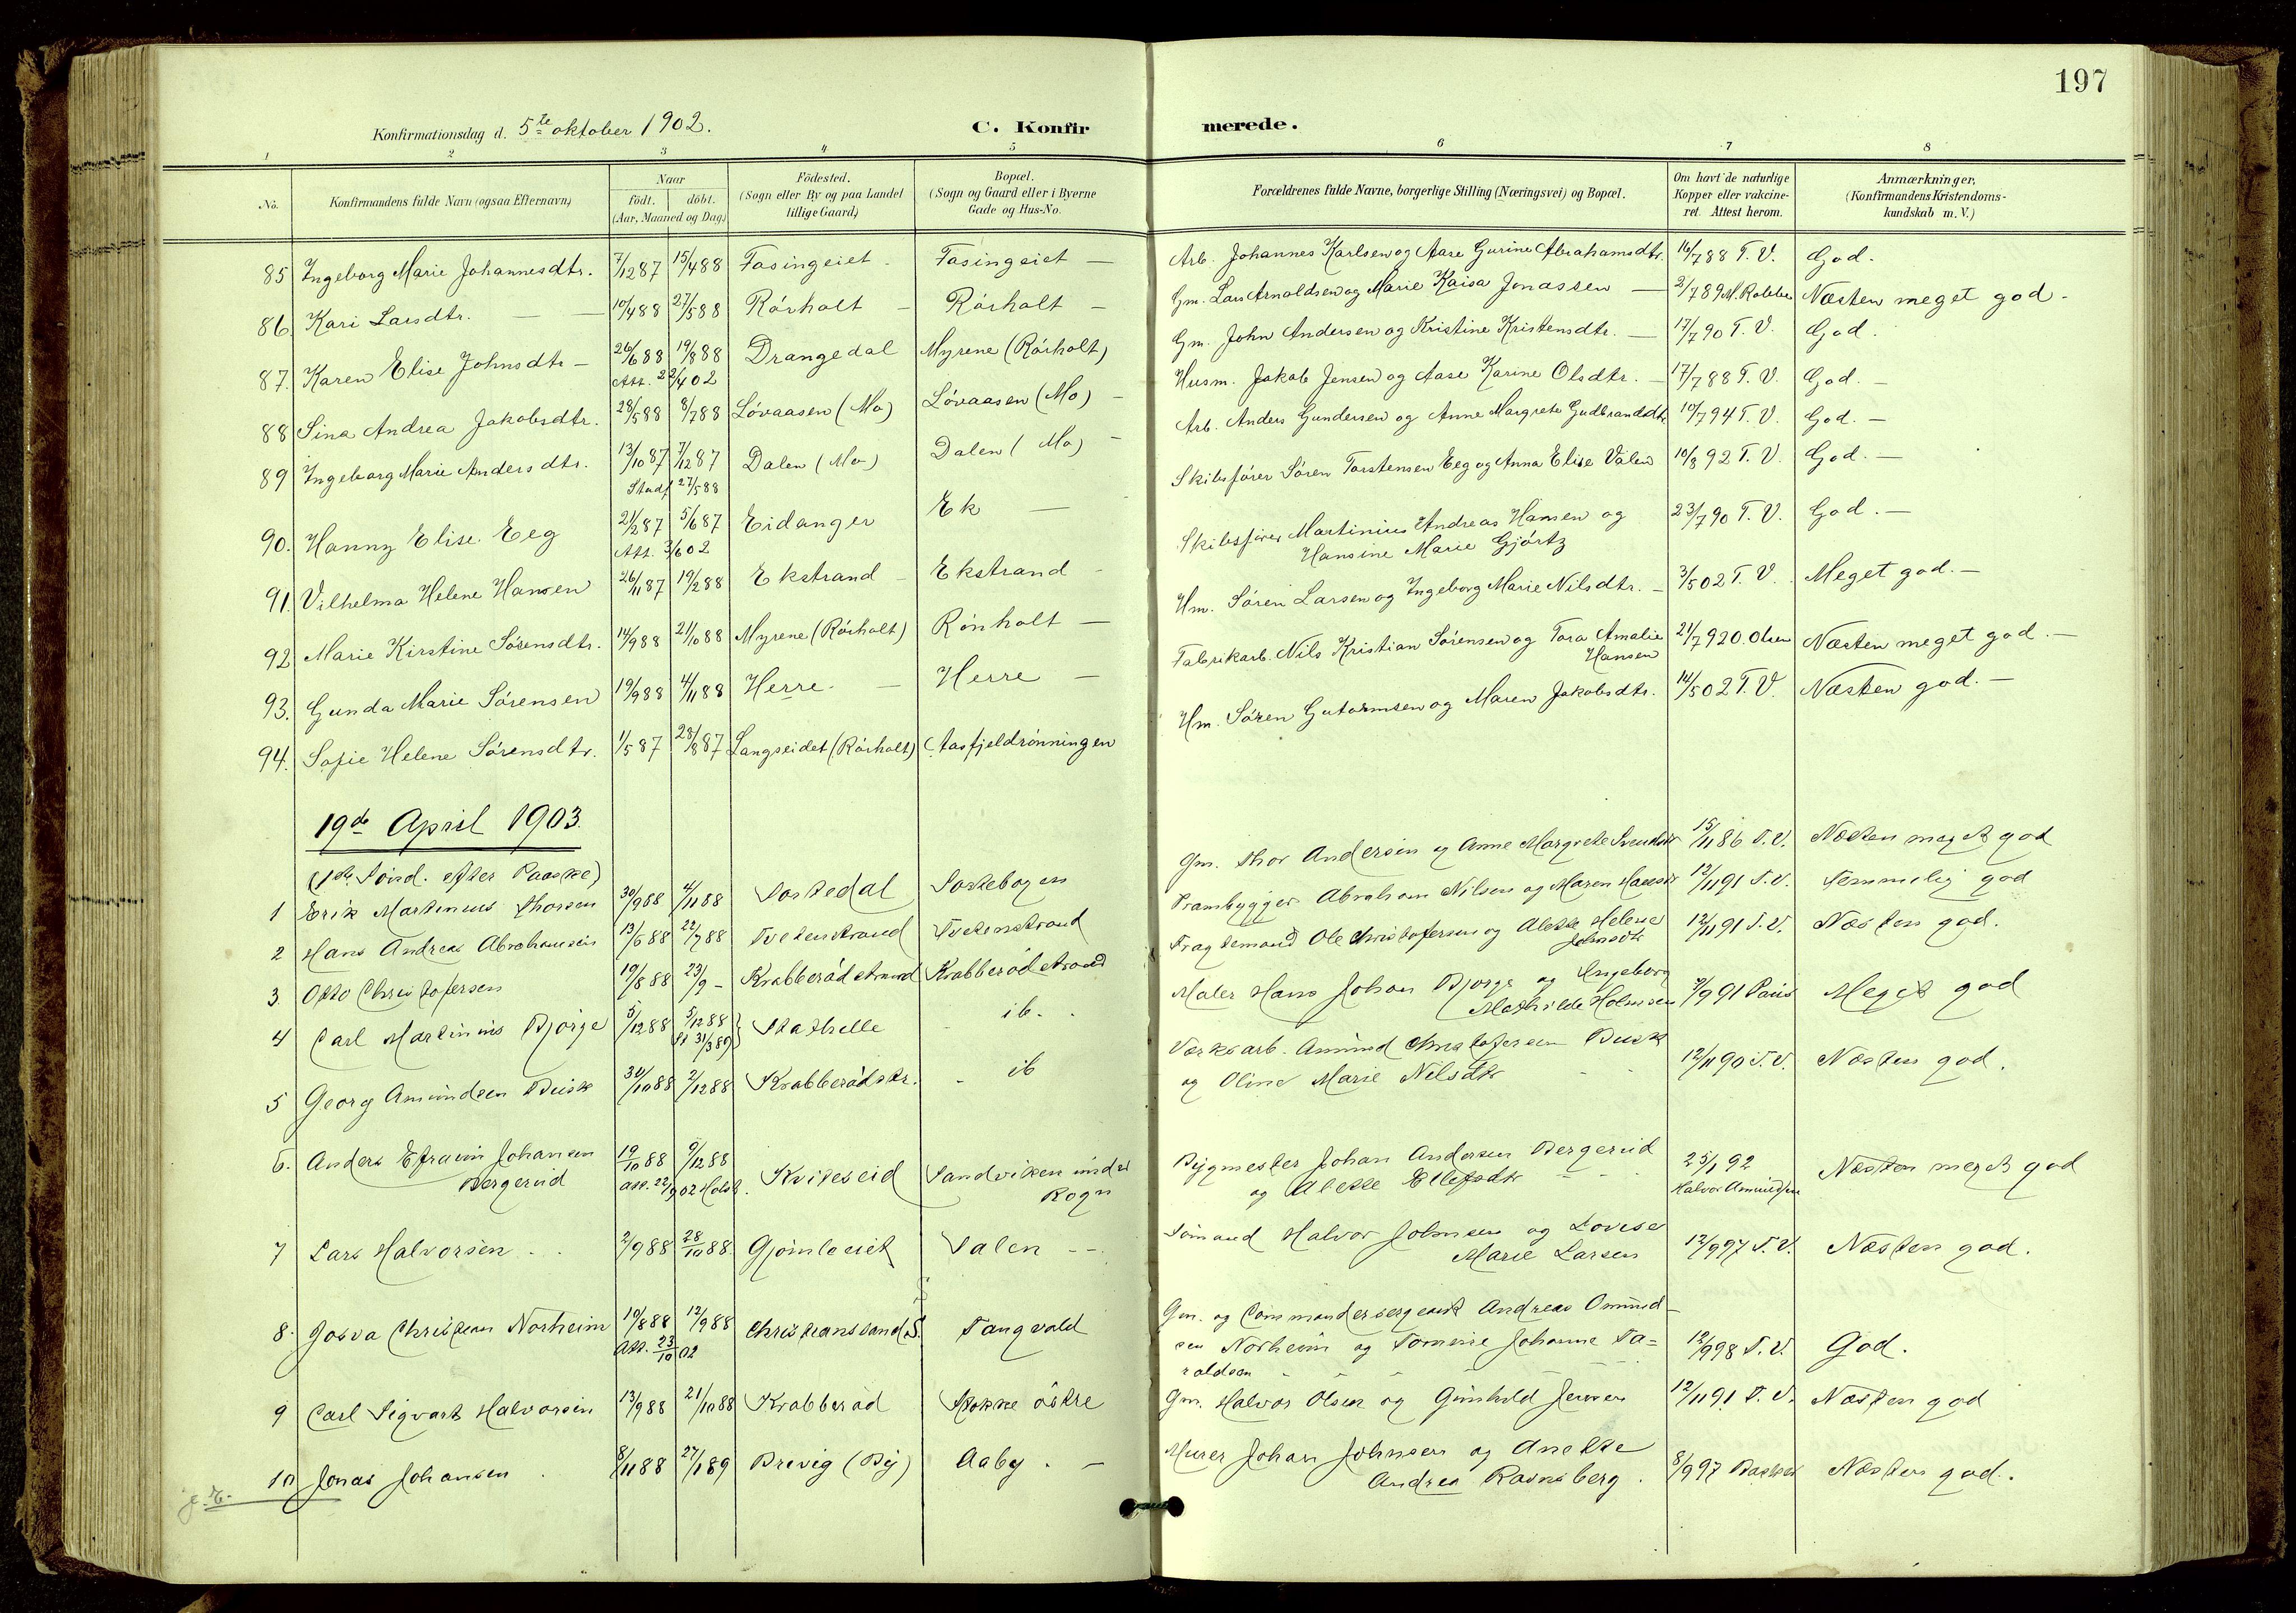 SAKO, Bamble kirkebøker, G/Ga/L0010: Klokkerbok nr. I 10, 1901-1919, s. 197